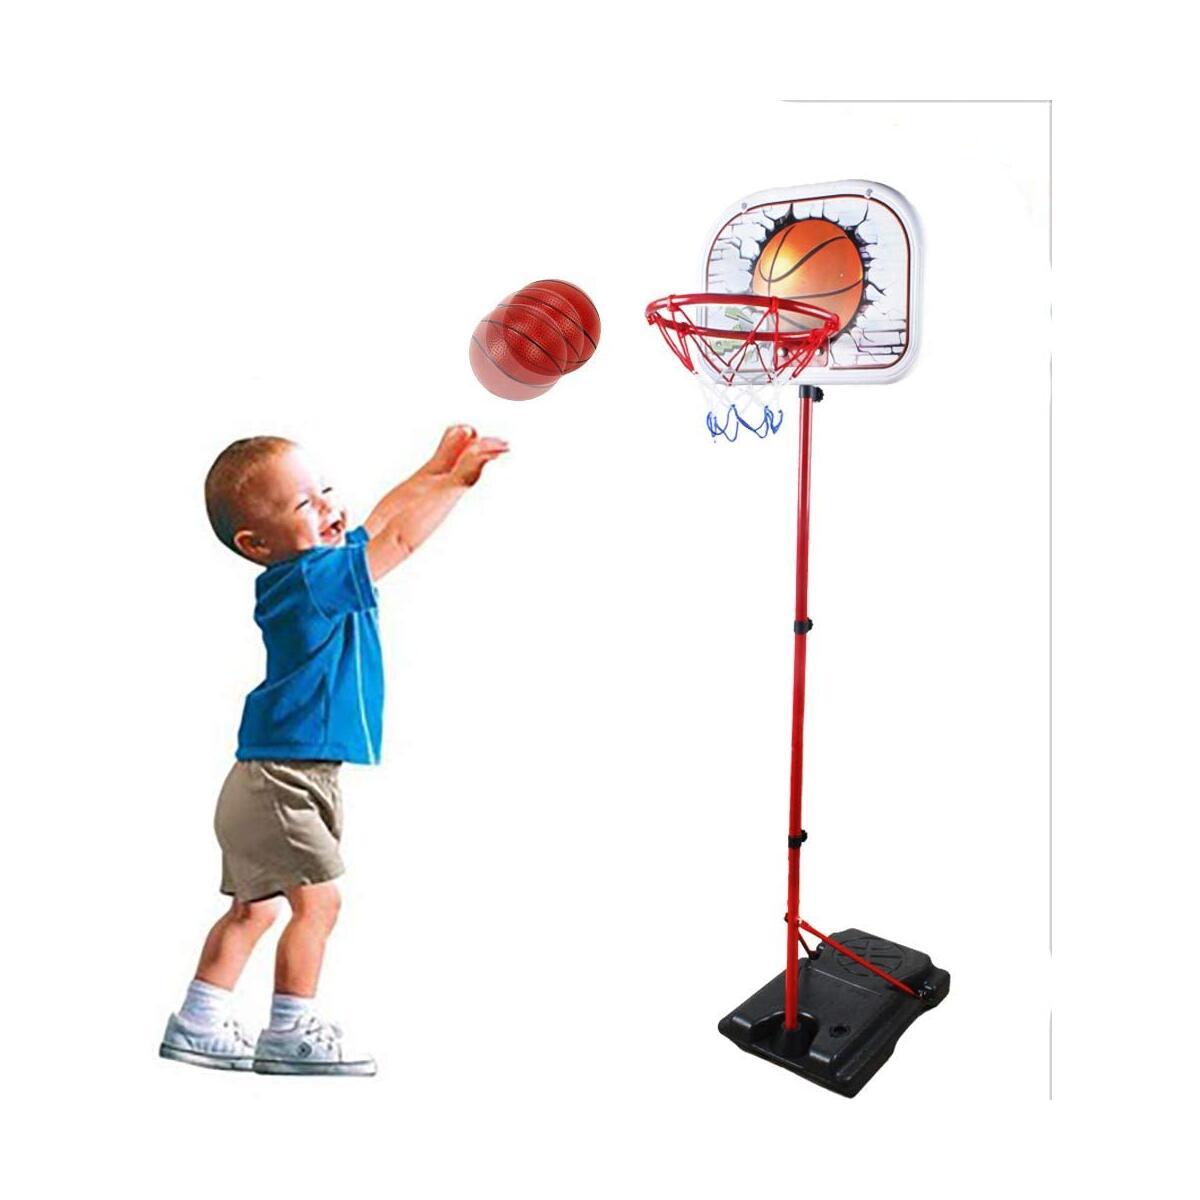 SOWOW Basketball Hoop for Kids Adjustable Height Mini Basketball Hoop for Kids Basketball Hoop Outdoor Basketball Goal for Kids Portable Basketball Hoop